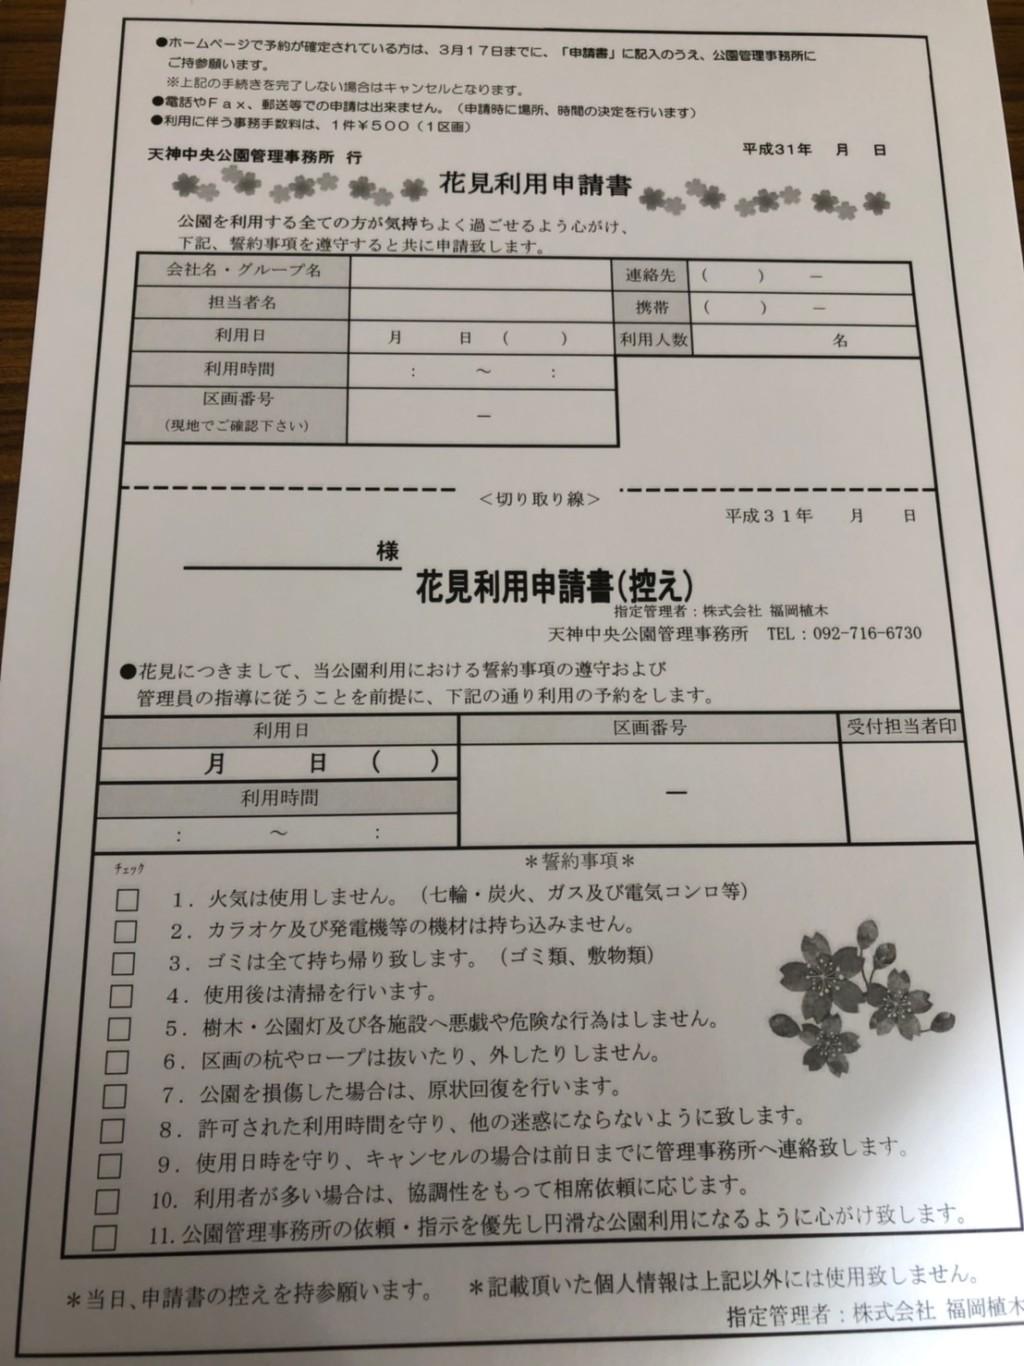 福岡の天神中央公園での花見の予約:利用申請書